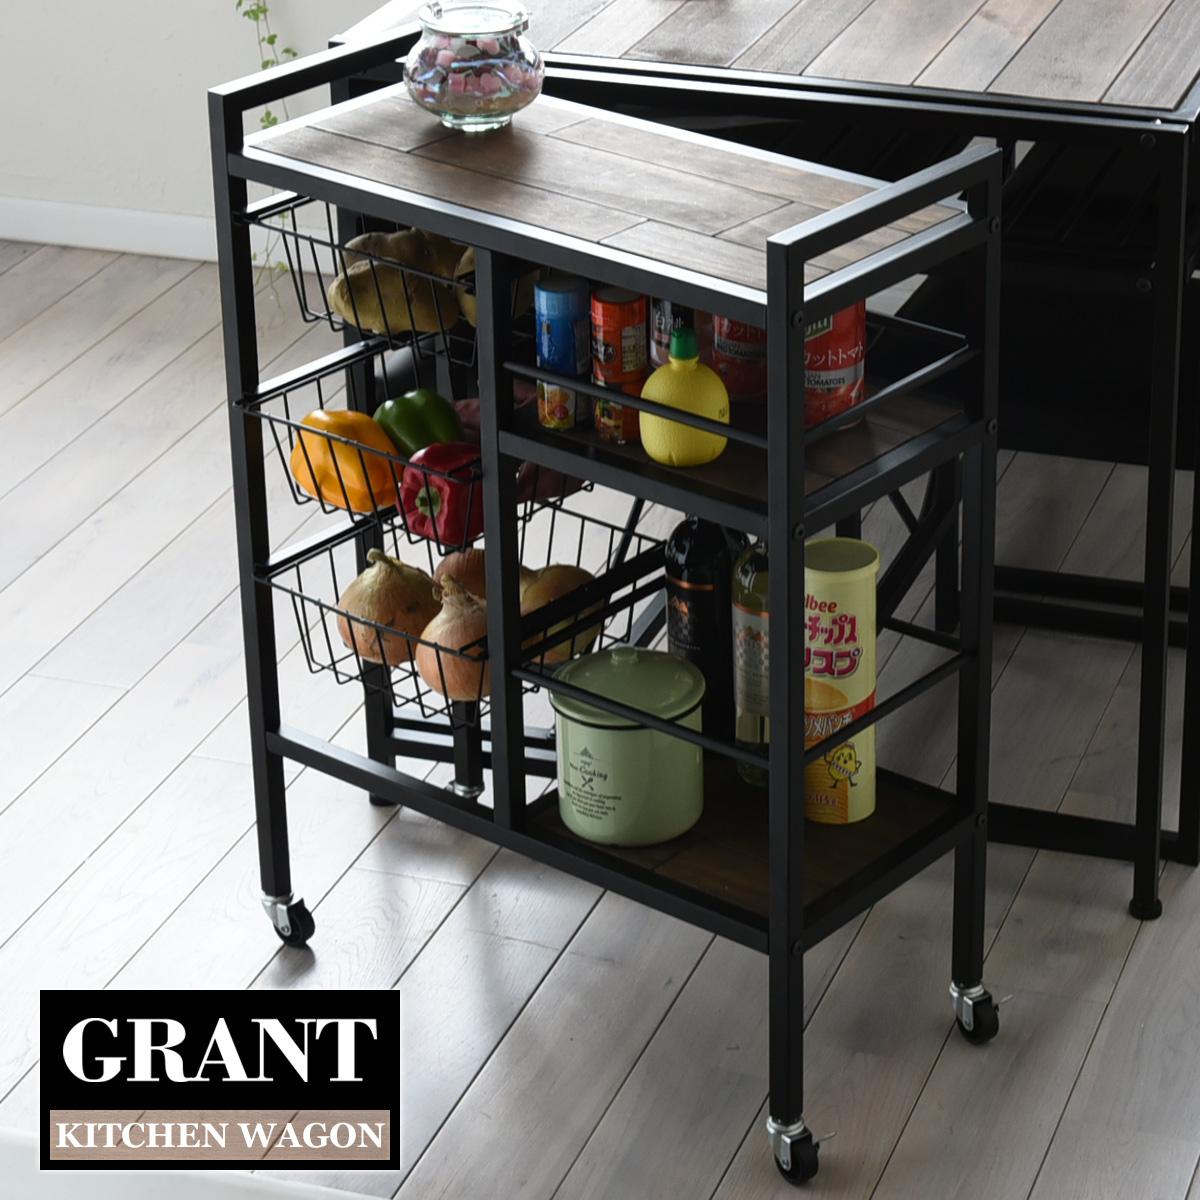 GRANT ワゴン GRW-600 キッチンワゴン キッチン ダイニング リビング 収納